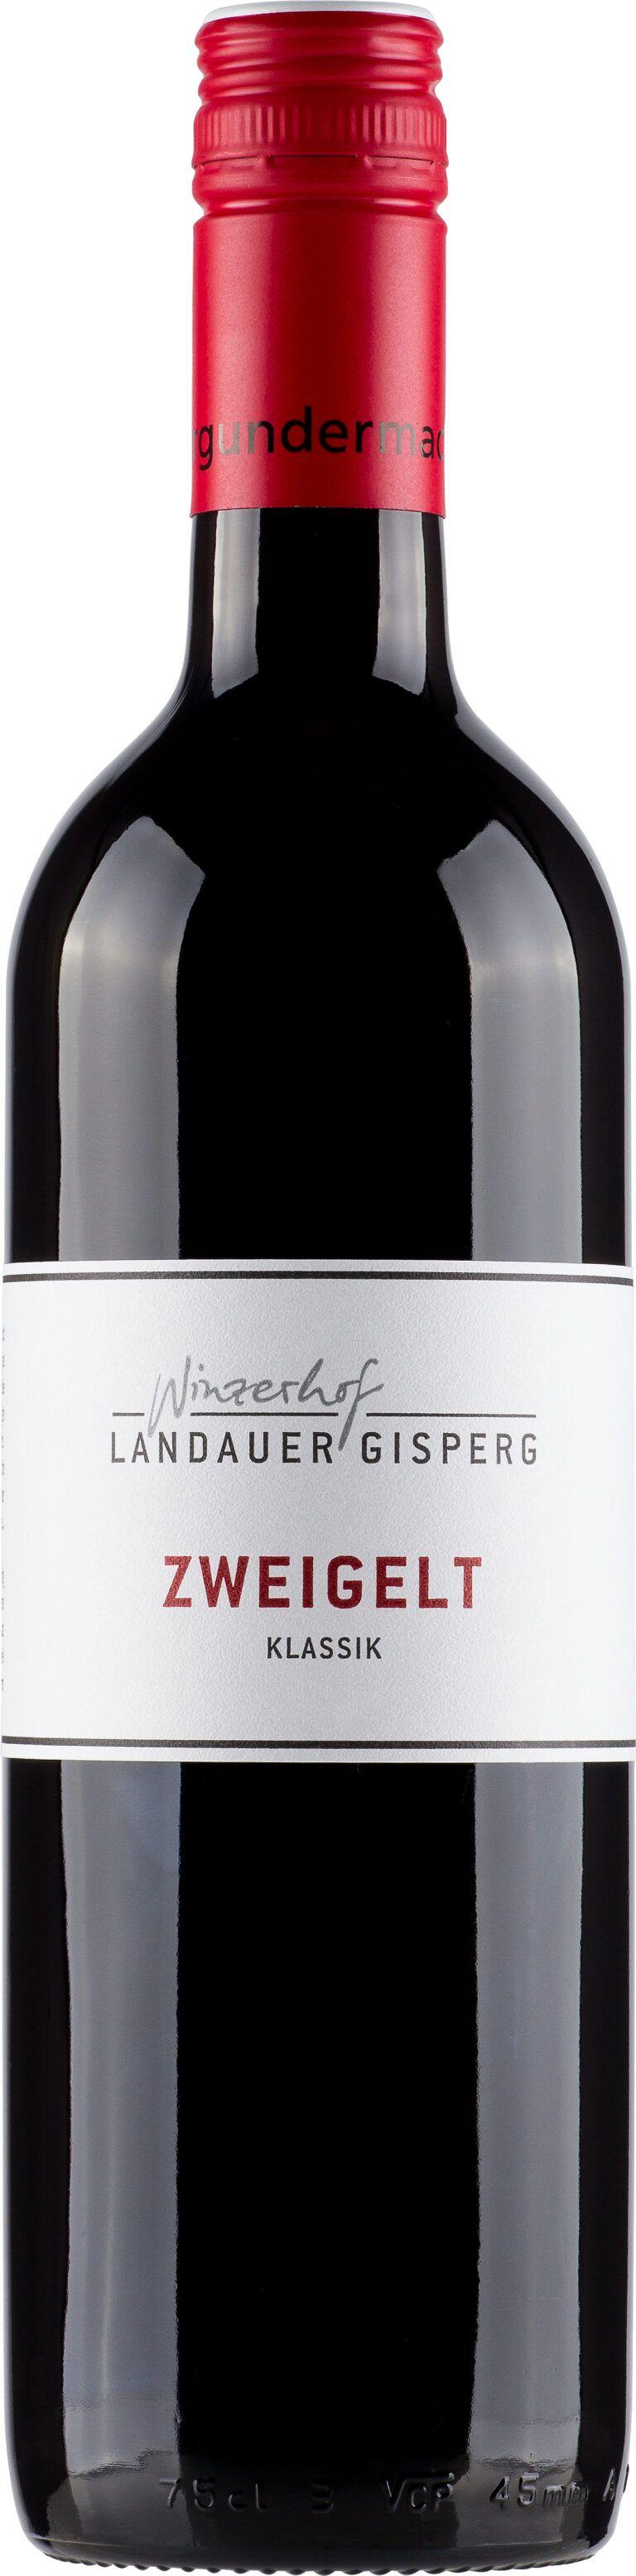 Landauer-Gisperg; Winzerhof Zweigelt Klassik; Landauer-Gisperg 0,75l